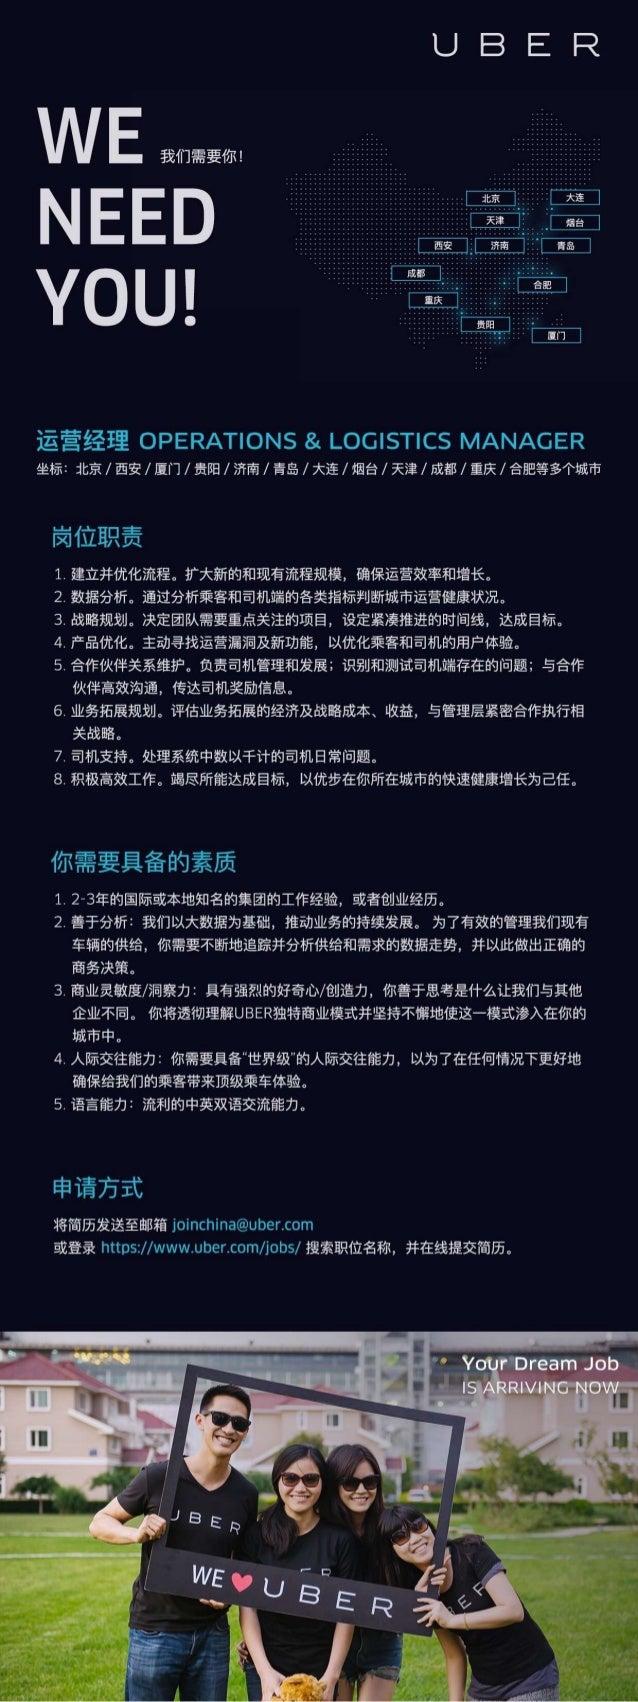 优步中国招聘运营经理